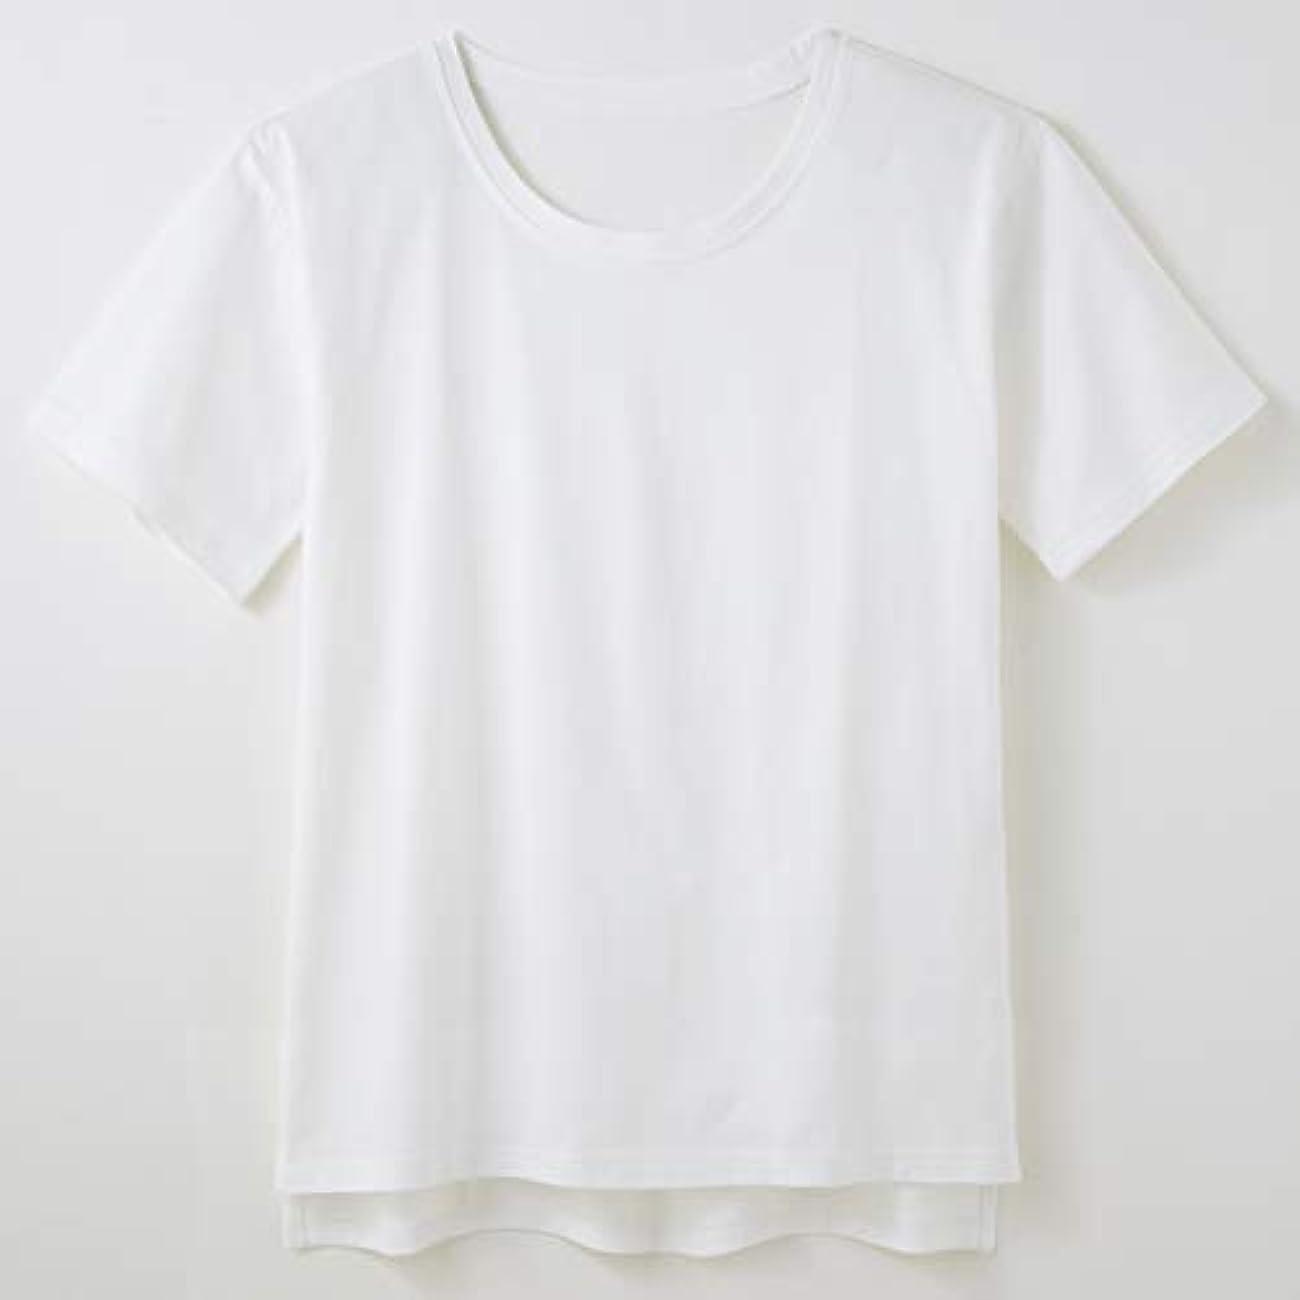 高さ不器用扱うセルヴァン 綿100% 汗ジミ目立ちにくいTシャツ 杢グレー LL